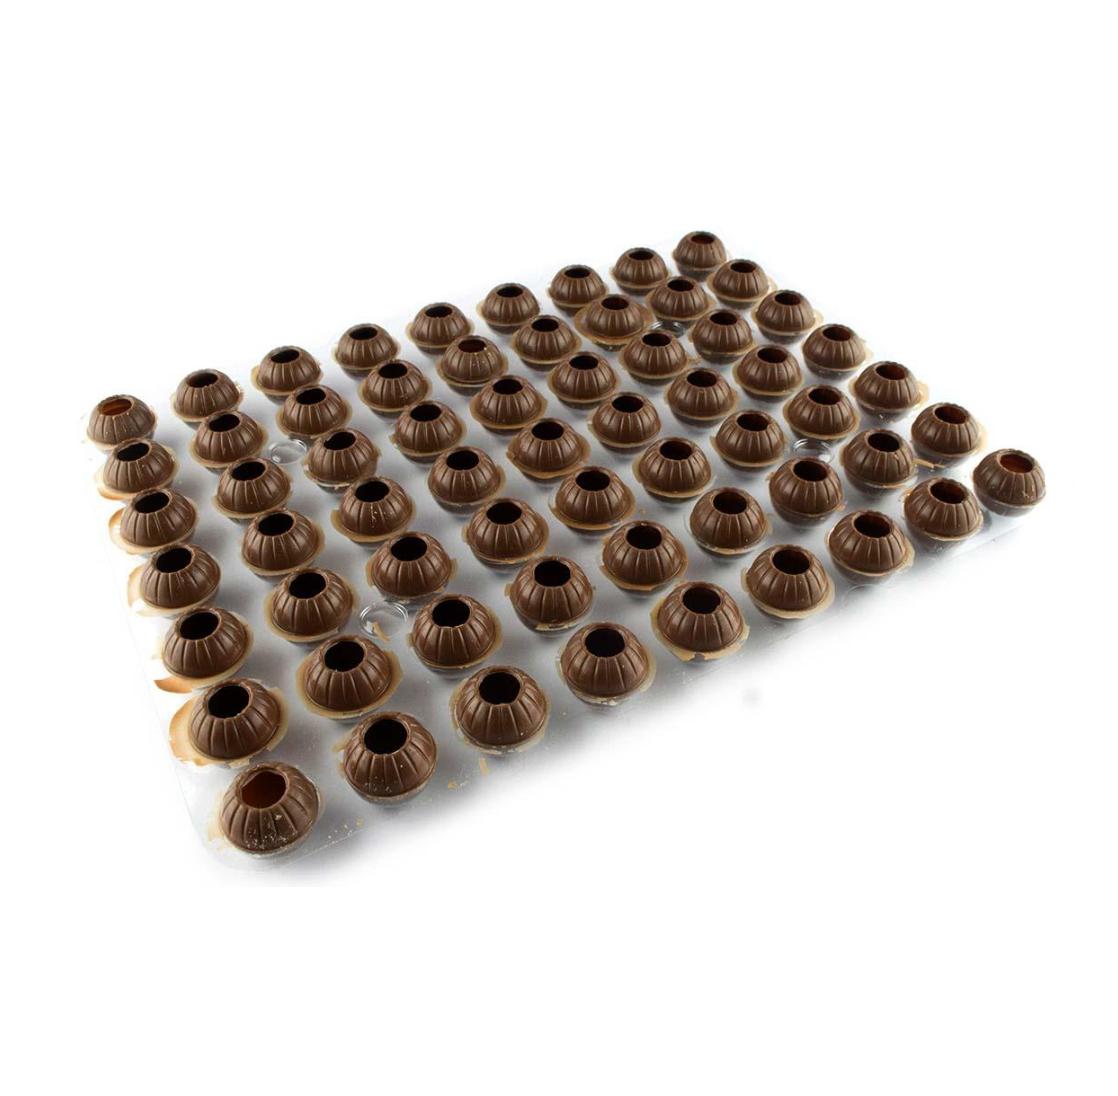 Капсулы для трюфелей, молочный шоколад, CALLEBAUT, Бельгия, 63 шт